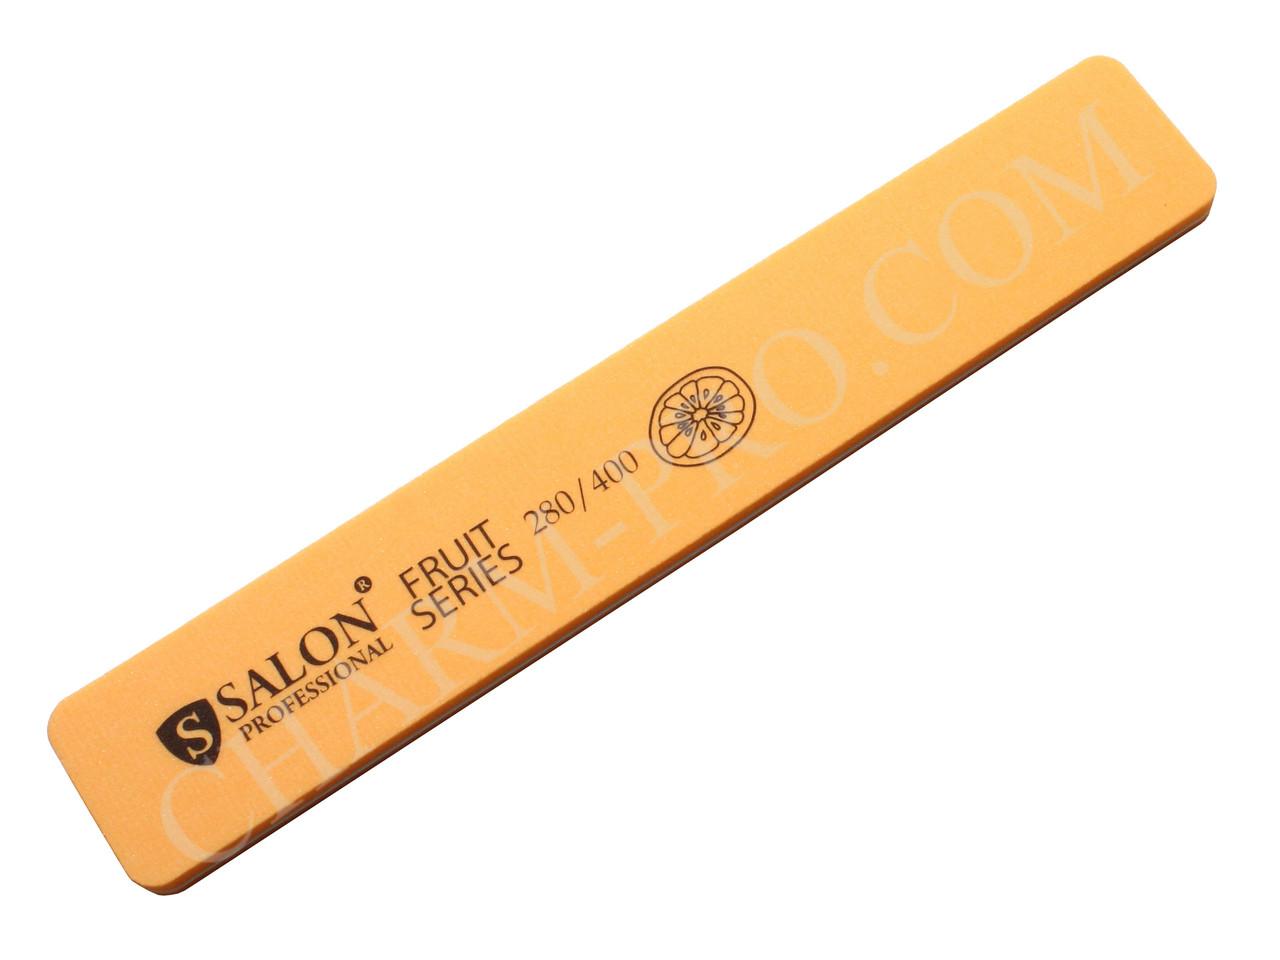 Пилочка прямая широкая для шлифовки Salon Professional Fruit Series 280/400 grit (Orange)